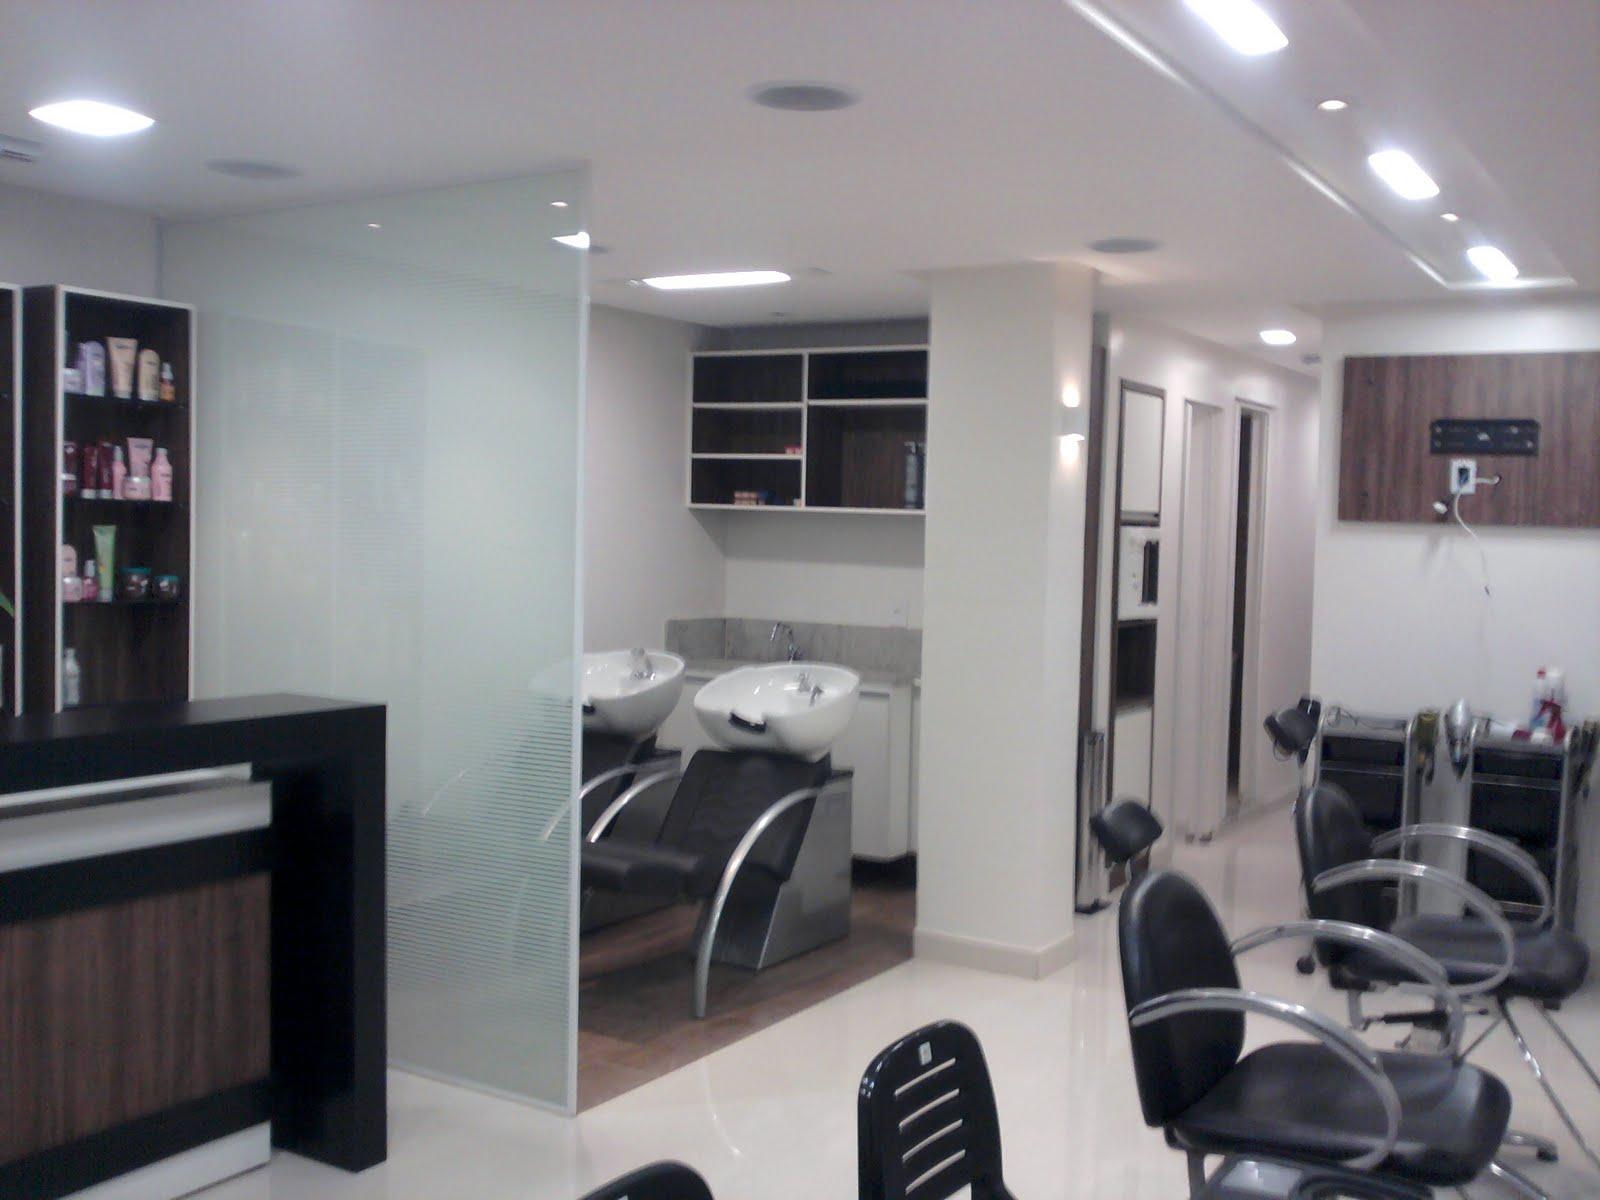 #5B4A4D MARCOS DOURADO Arquitetura & Interiores: Salão N Hair Núcleo  1600x1200 píxeis em Arquitetura De Interiores Faculdade